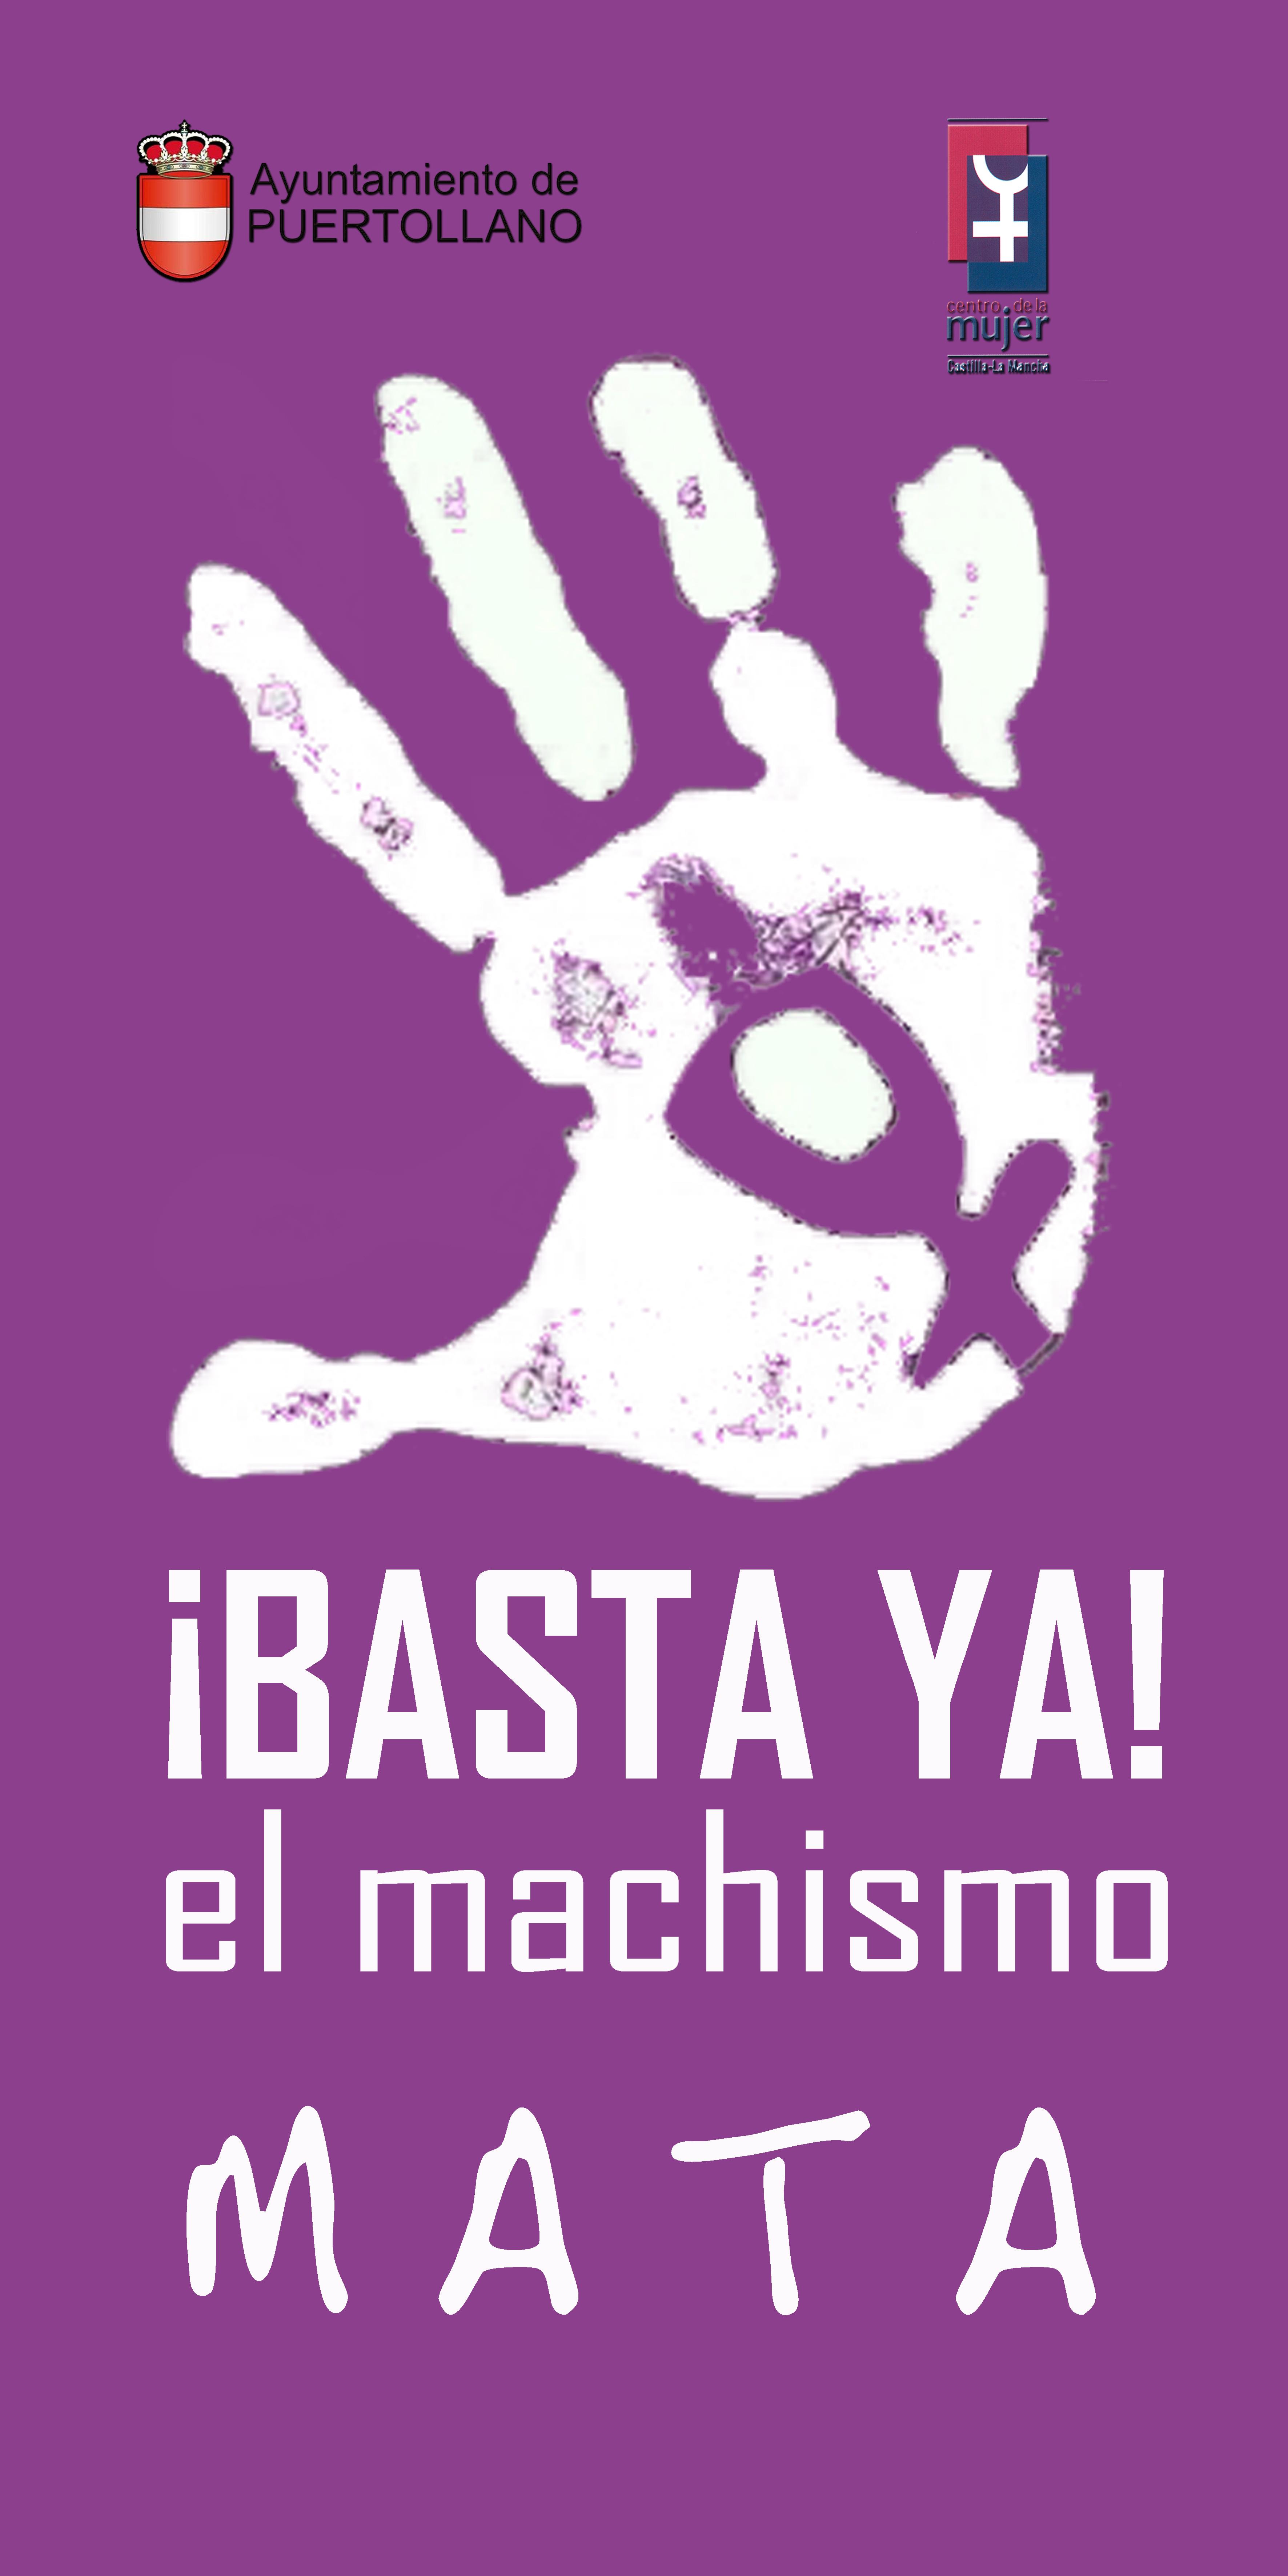 Igualdad Ayuntamiento De Puertollano